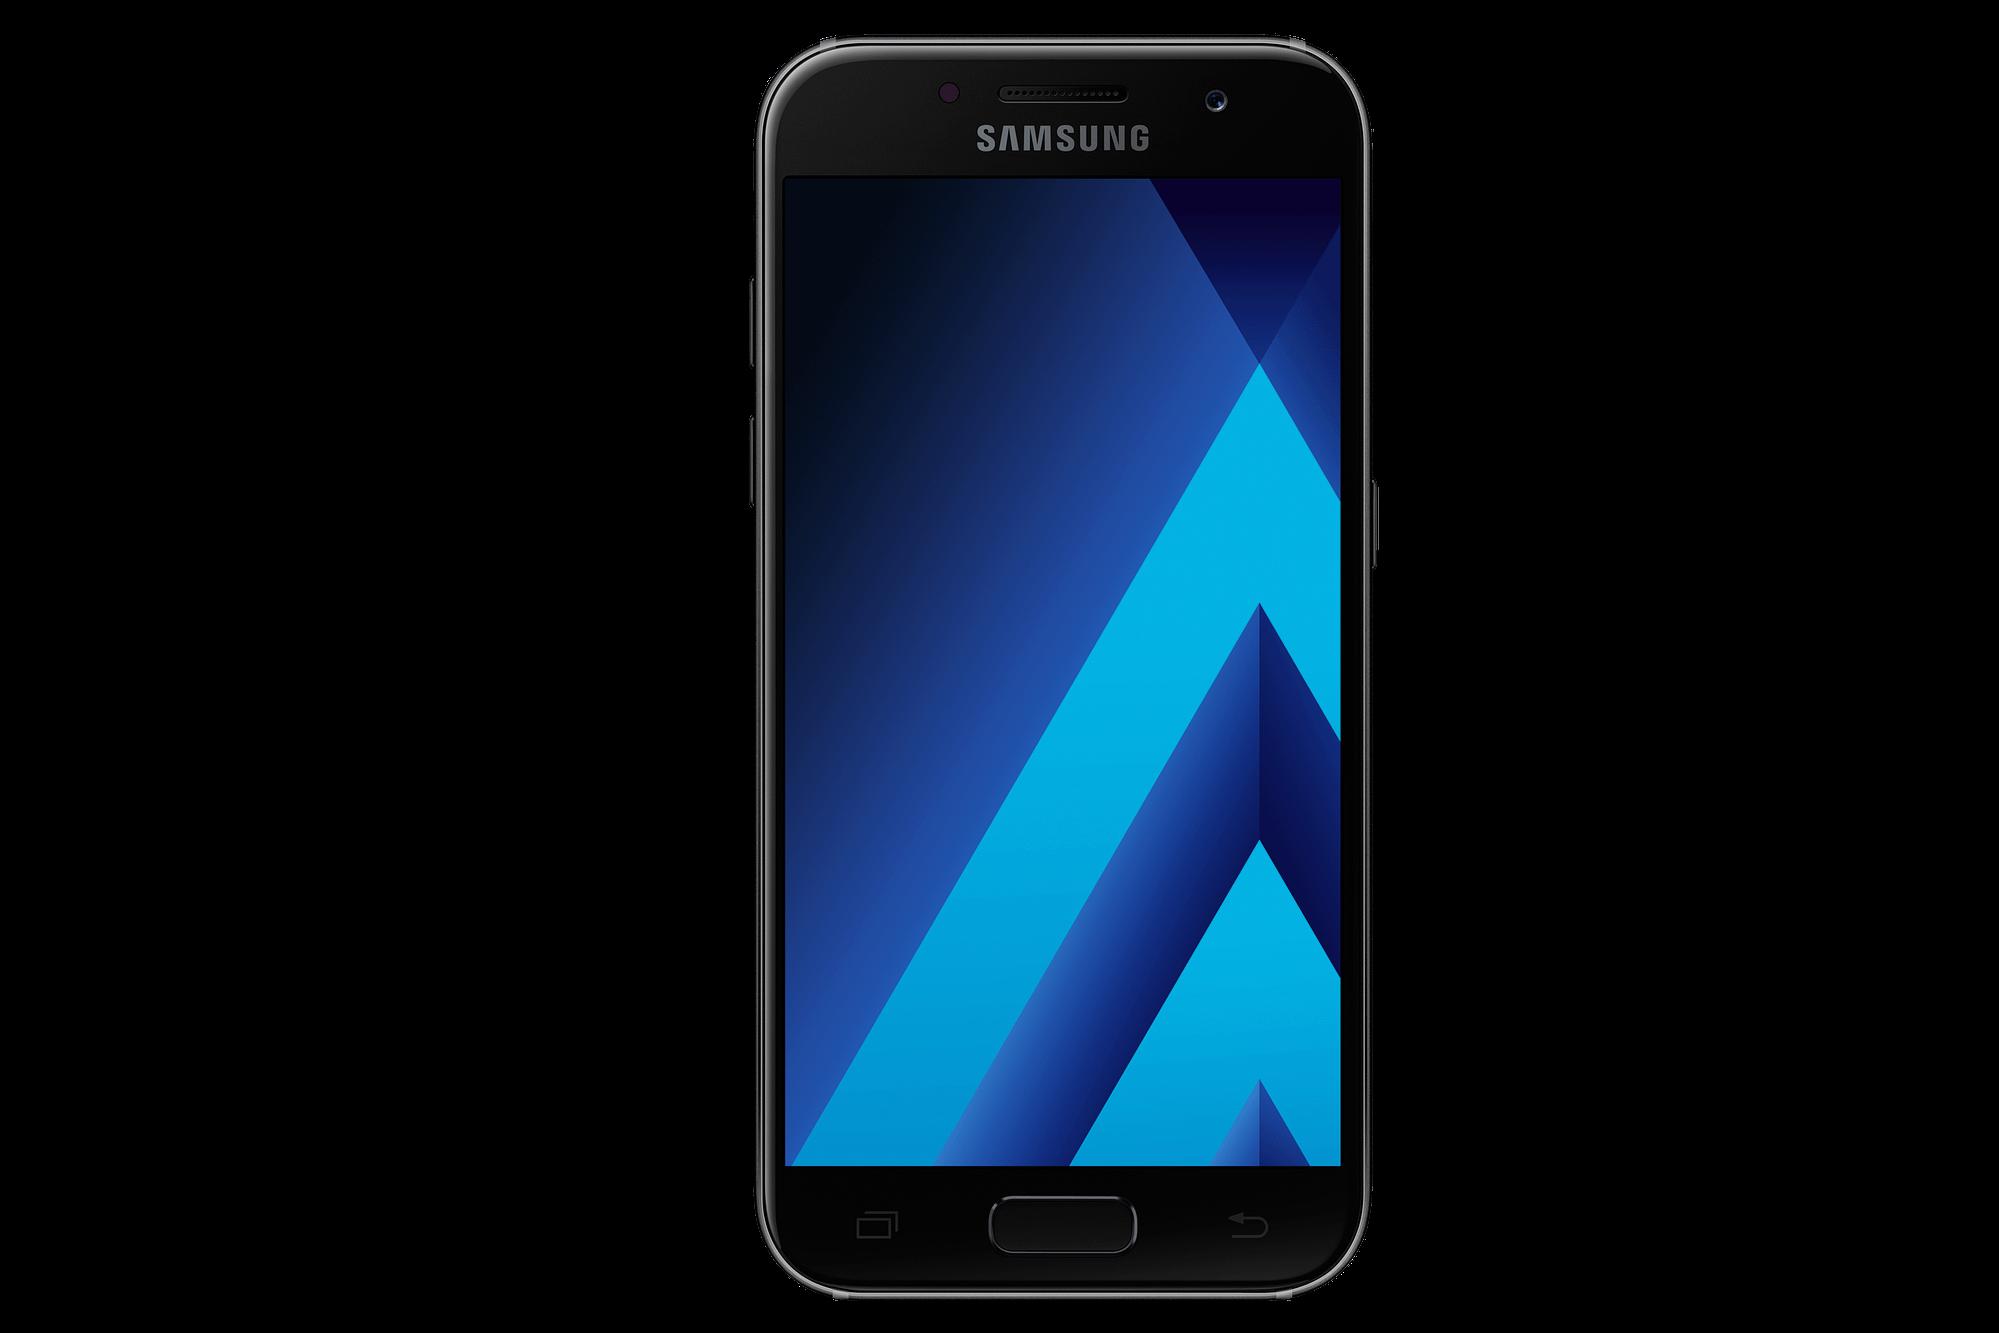 Prix réparation Samsung Galaxy A3 2017 par Alloréparation